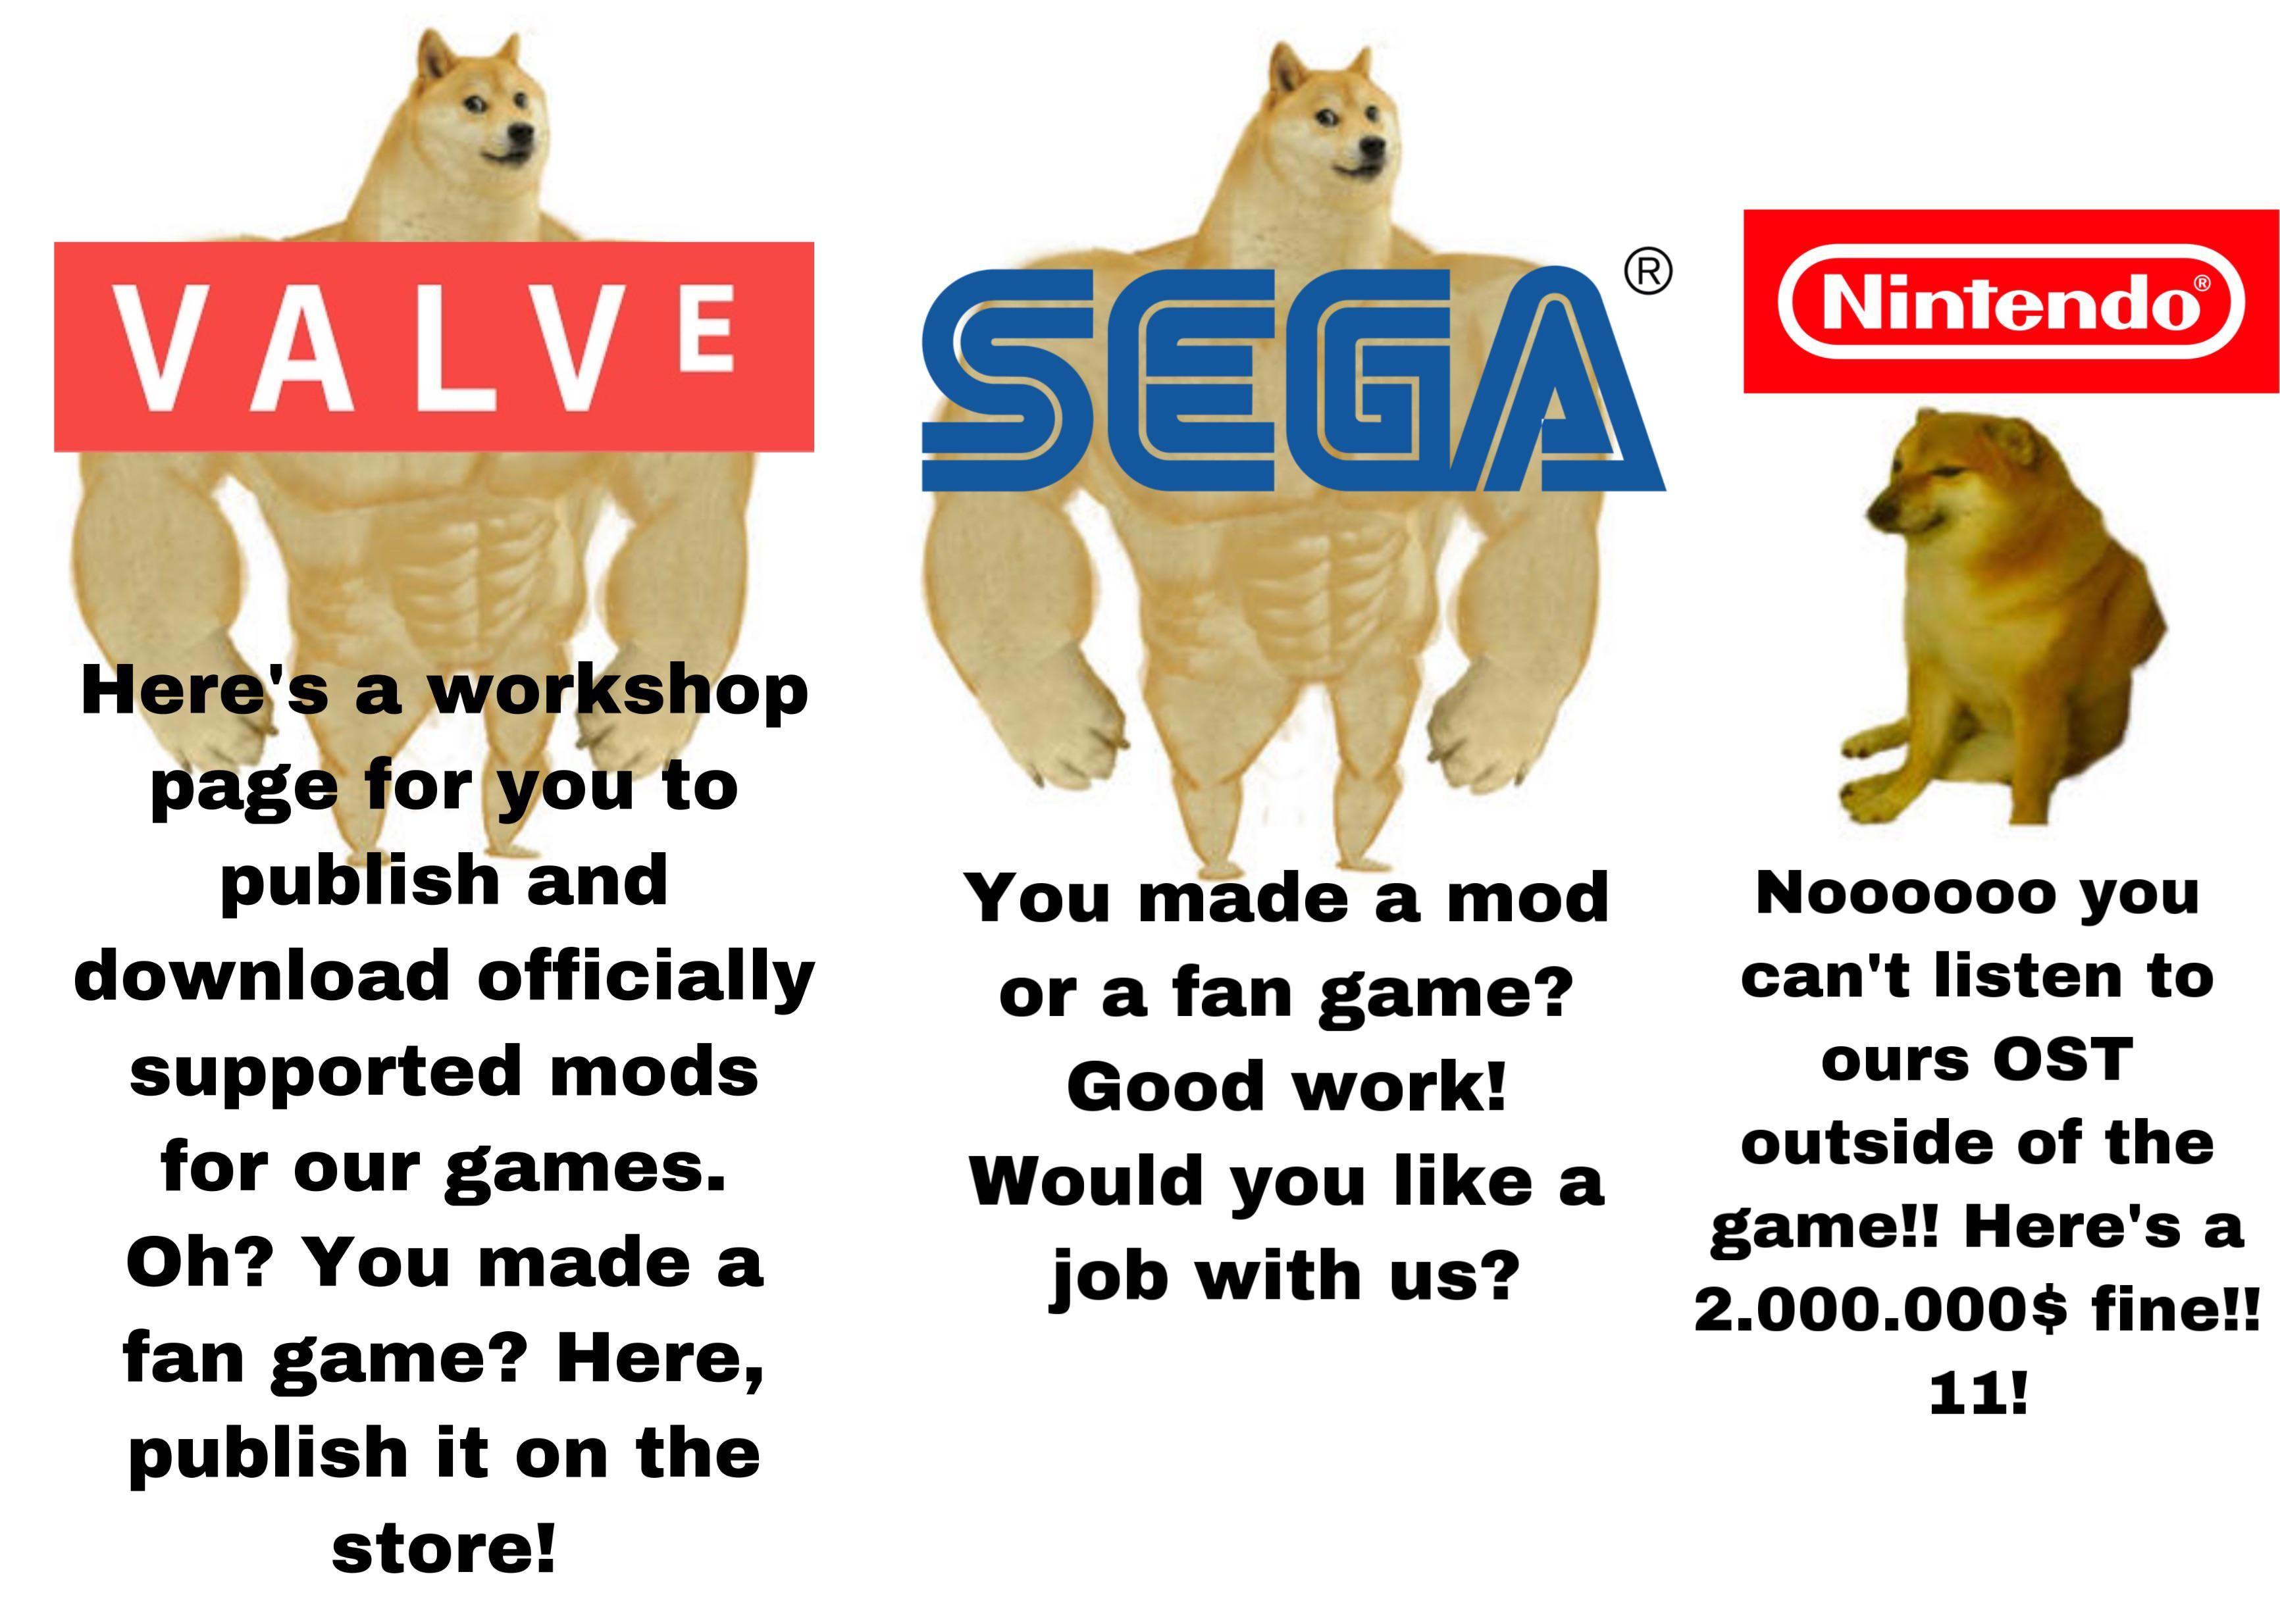 Nintendo doesn't like fans